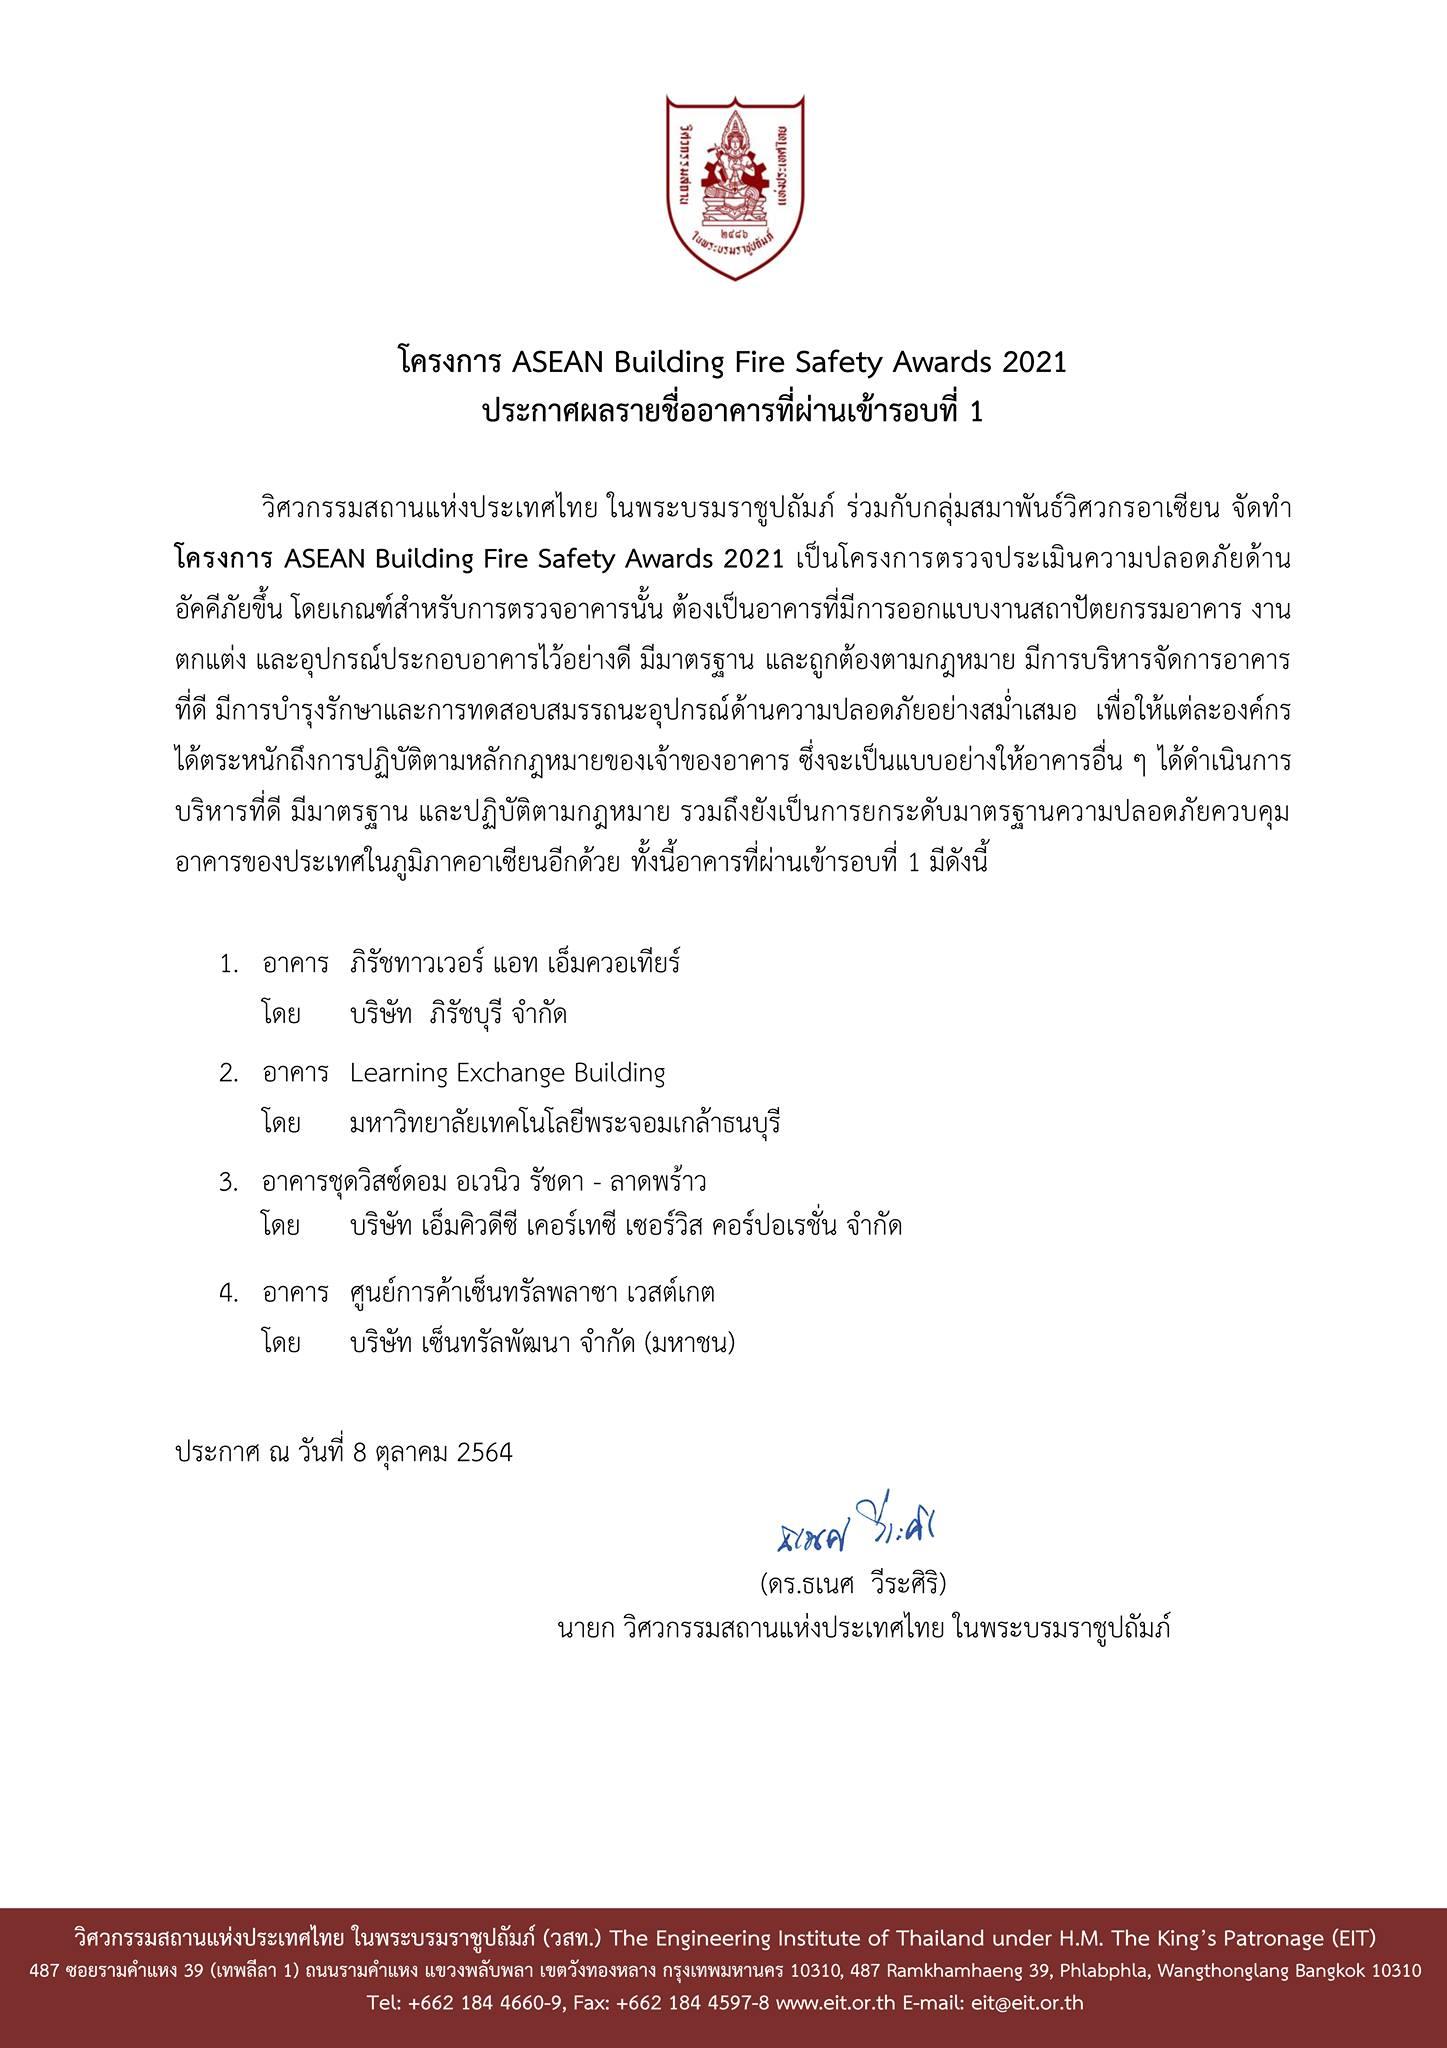 วิศวกรรมสถานแห่งประเทศไทย ในพระบรมราชูปถัมภ์ ร่วมกับกลุ่มสมาพันธ์วิศวกรอาเซียน ประกาศผลอาคารที่ผ่านเข้ารอบที่ 1 โครงการ ASEAN Building Fire Safety Awards 2021